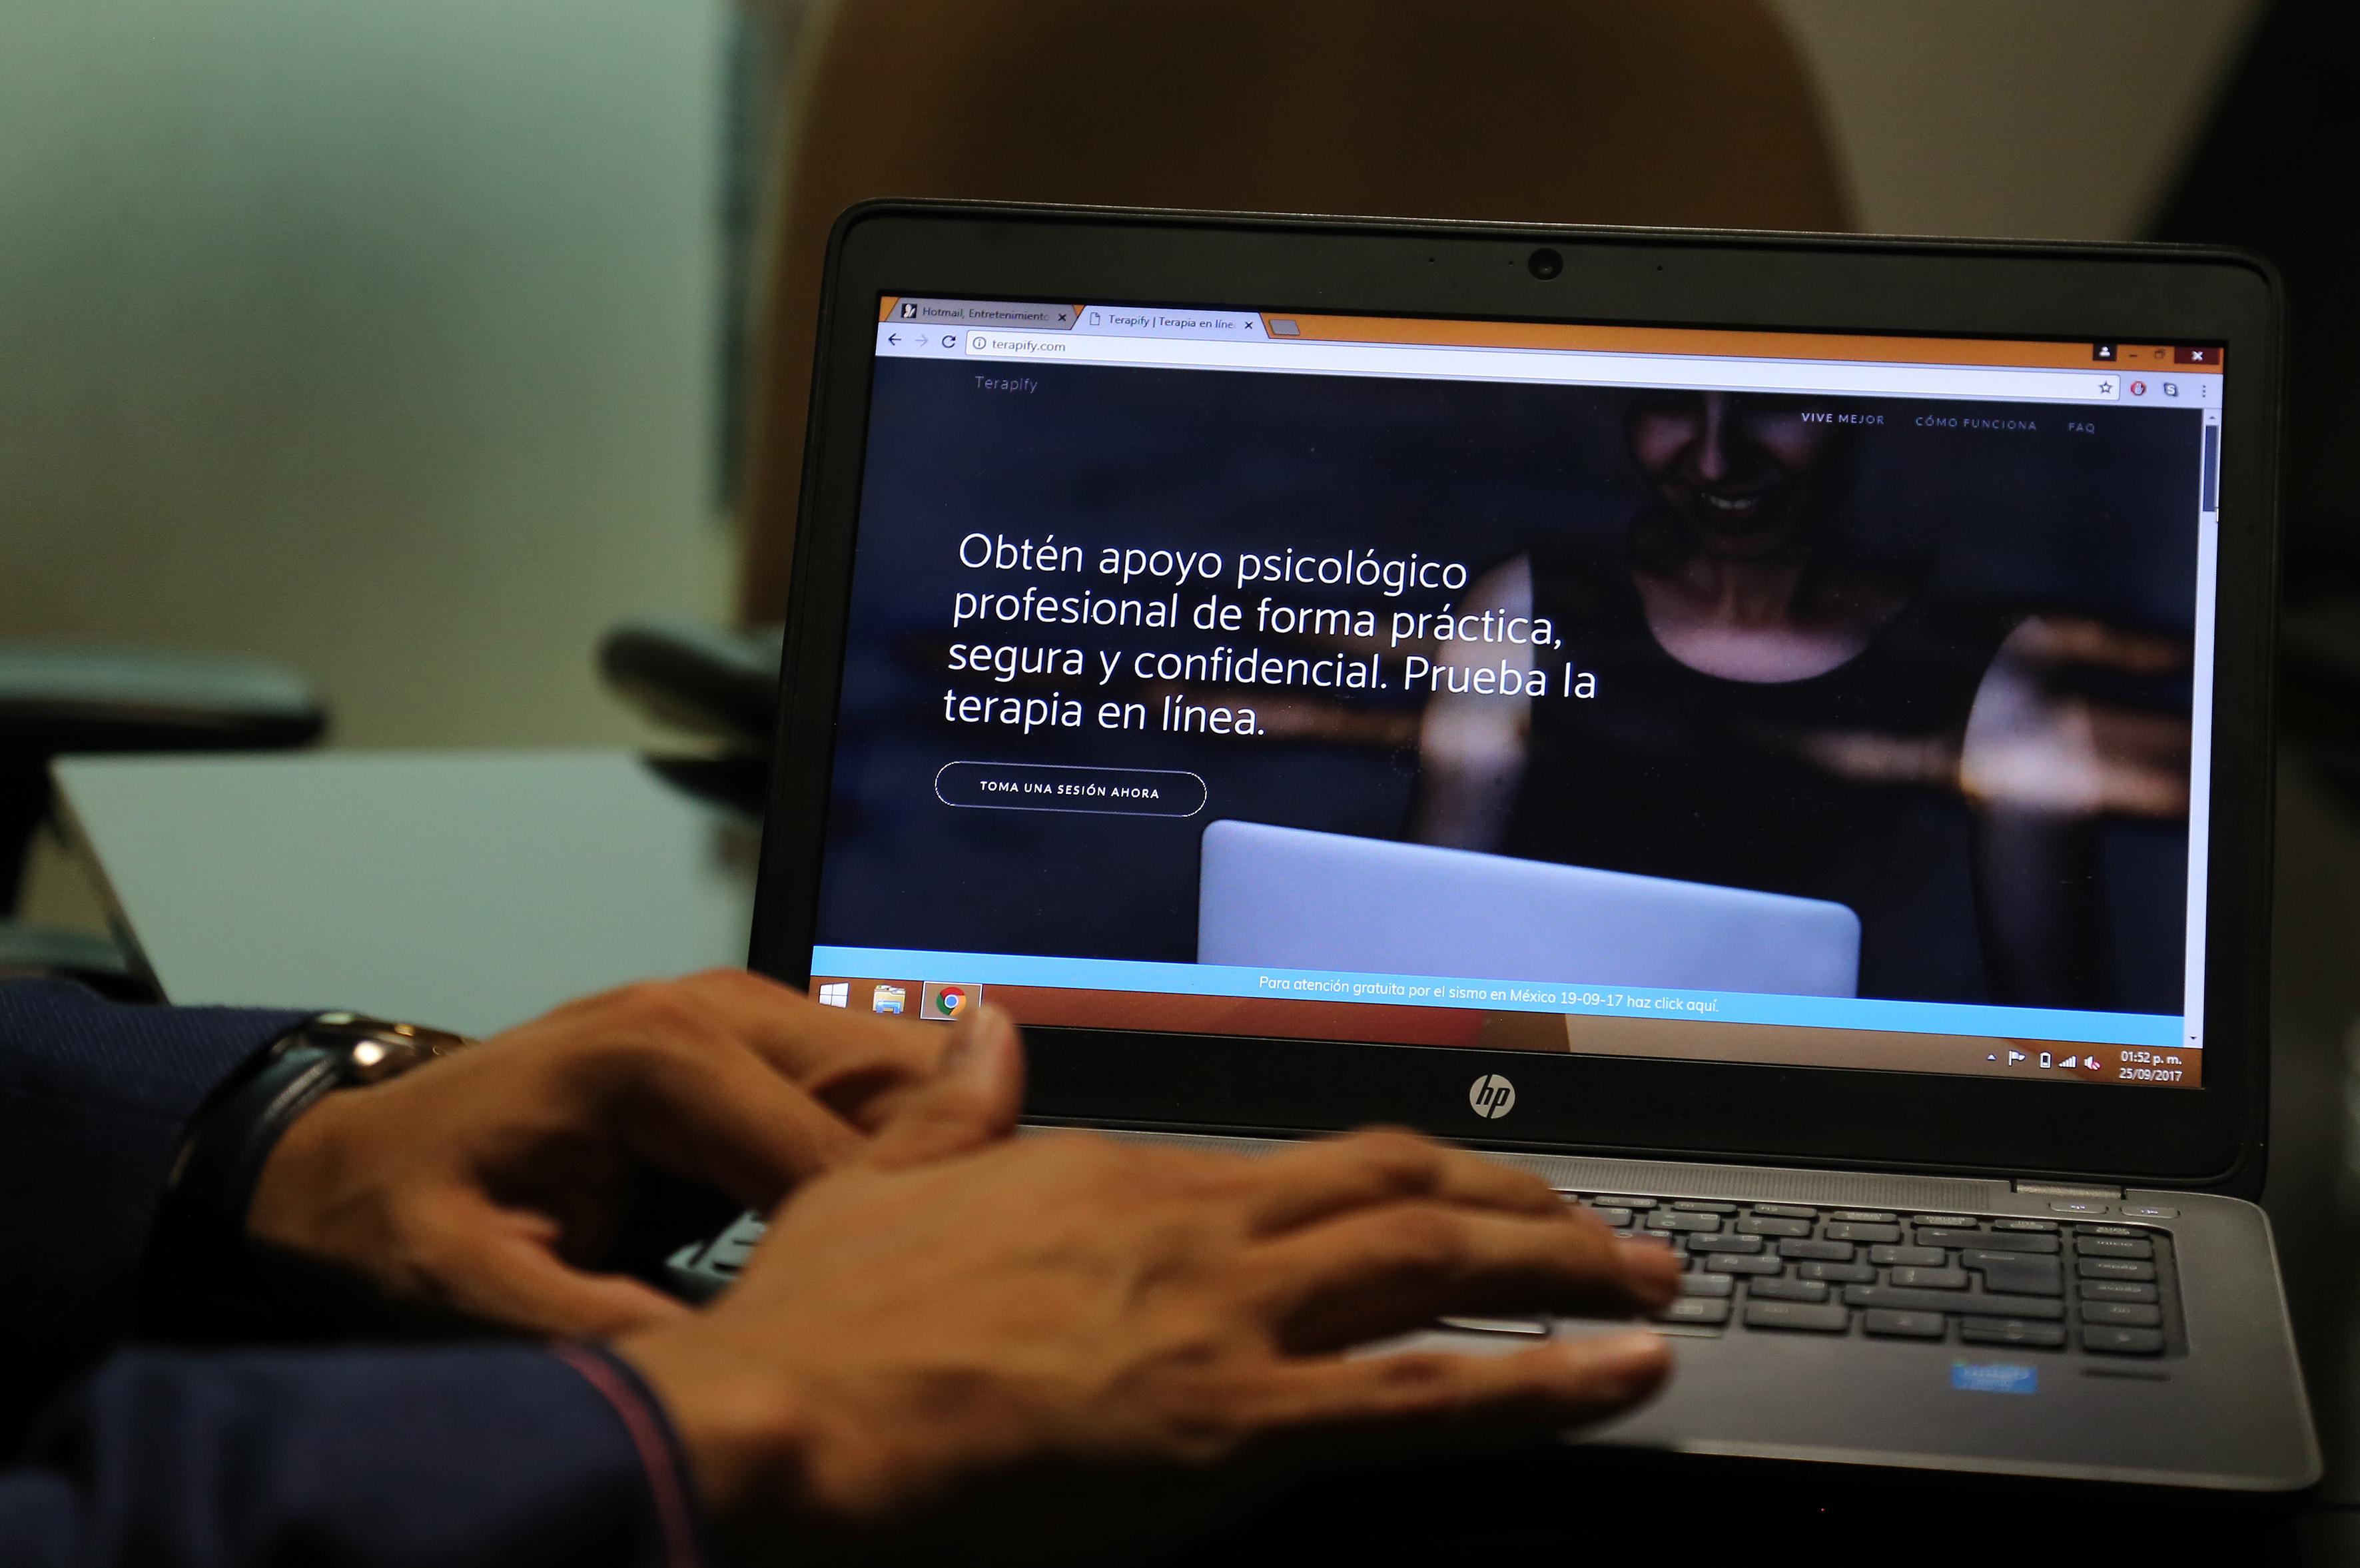 Plataforma tecnológica creada por estudiantes de la Universidad de Guadalajara (UdeG) ofrece asesoría profesional y contención psicológica gratuita y en línea a los afectados por los sismos ocurridos el 7, 19 y 23 de septiembre en diversos estados del país.